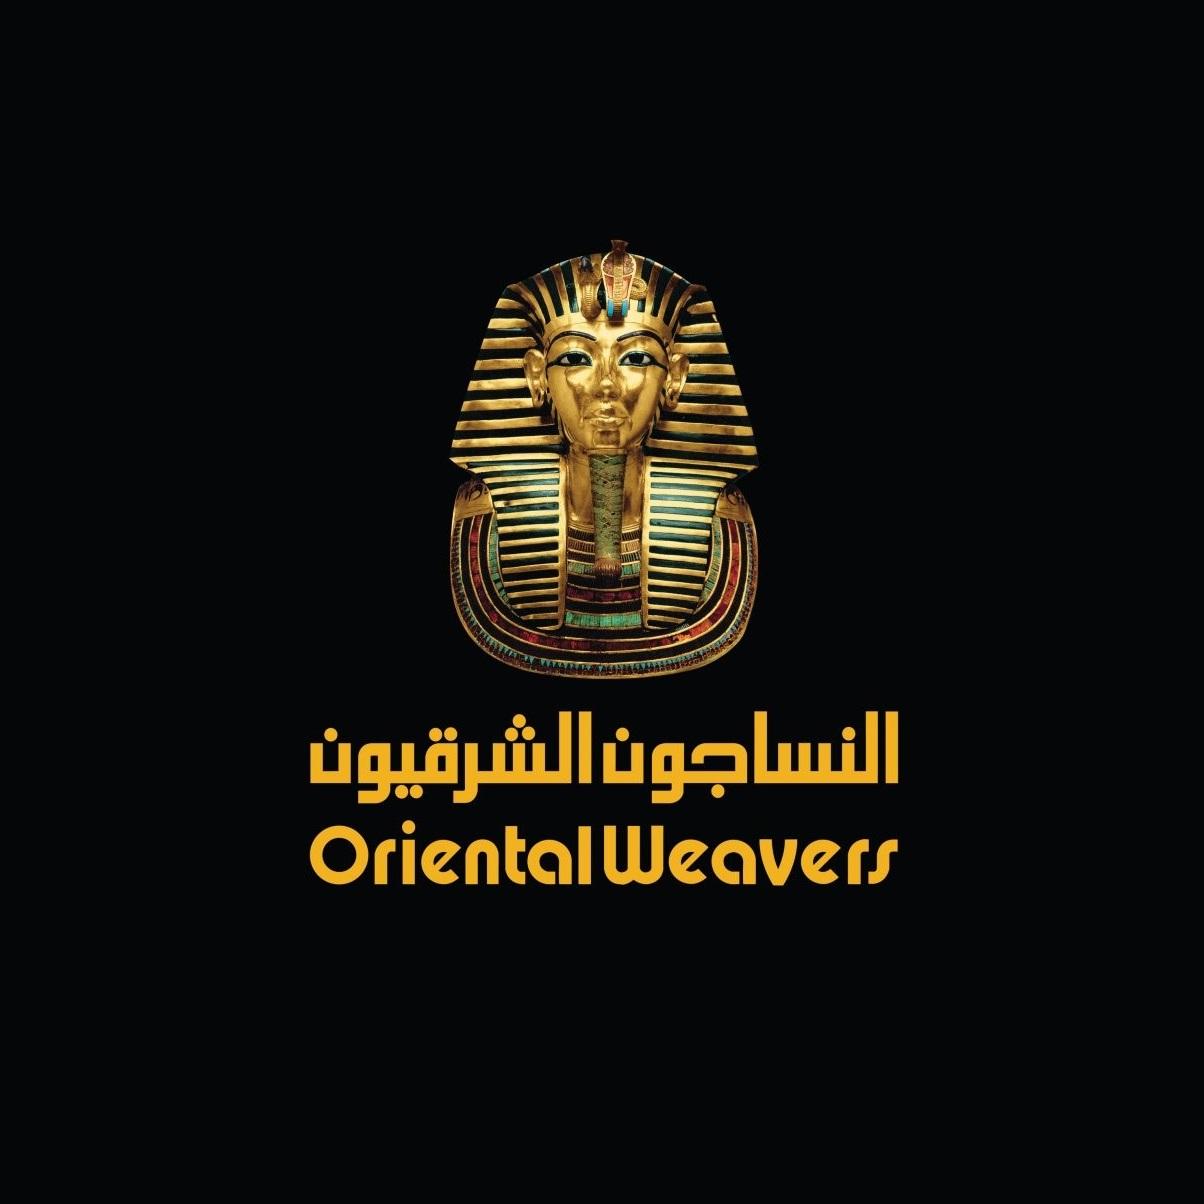 Oriental Weavers Group